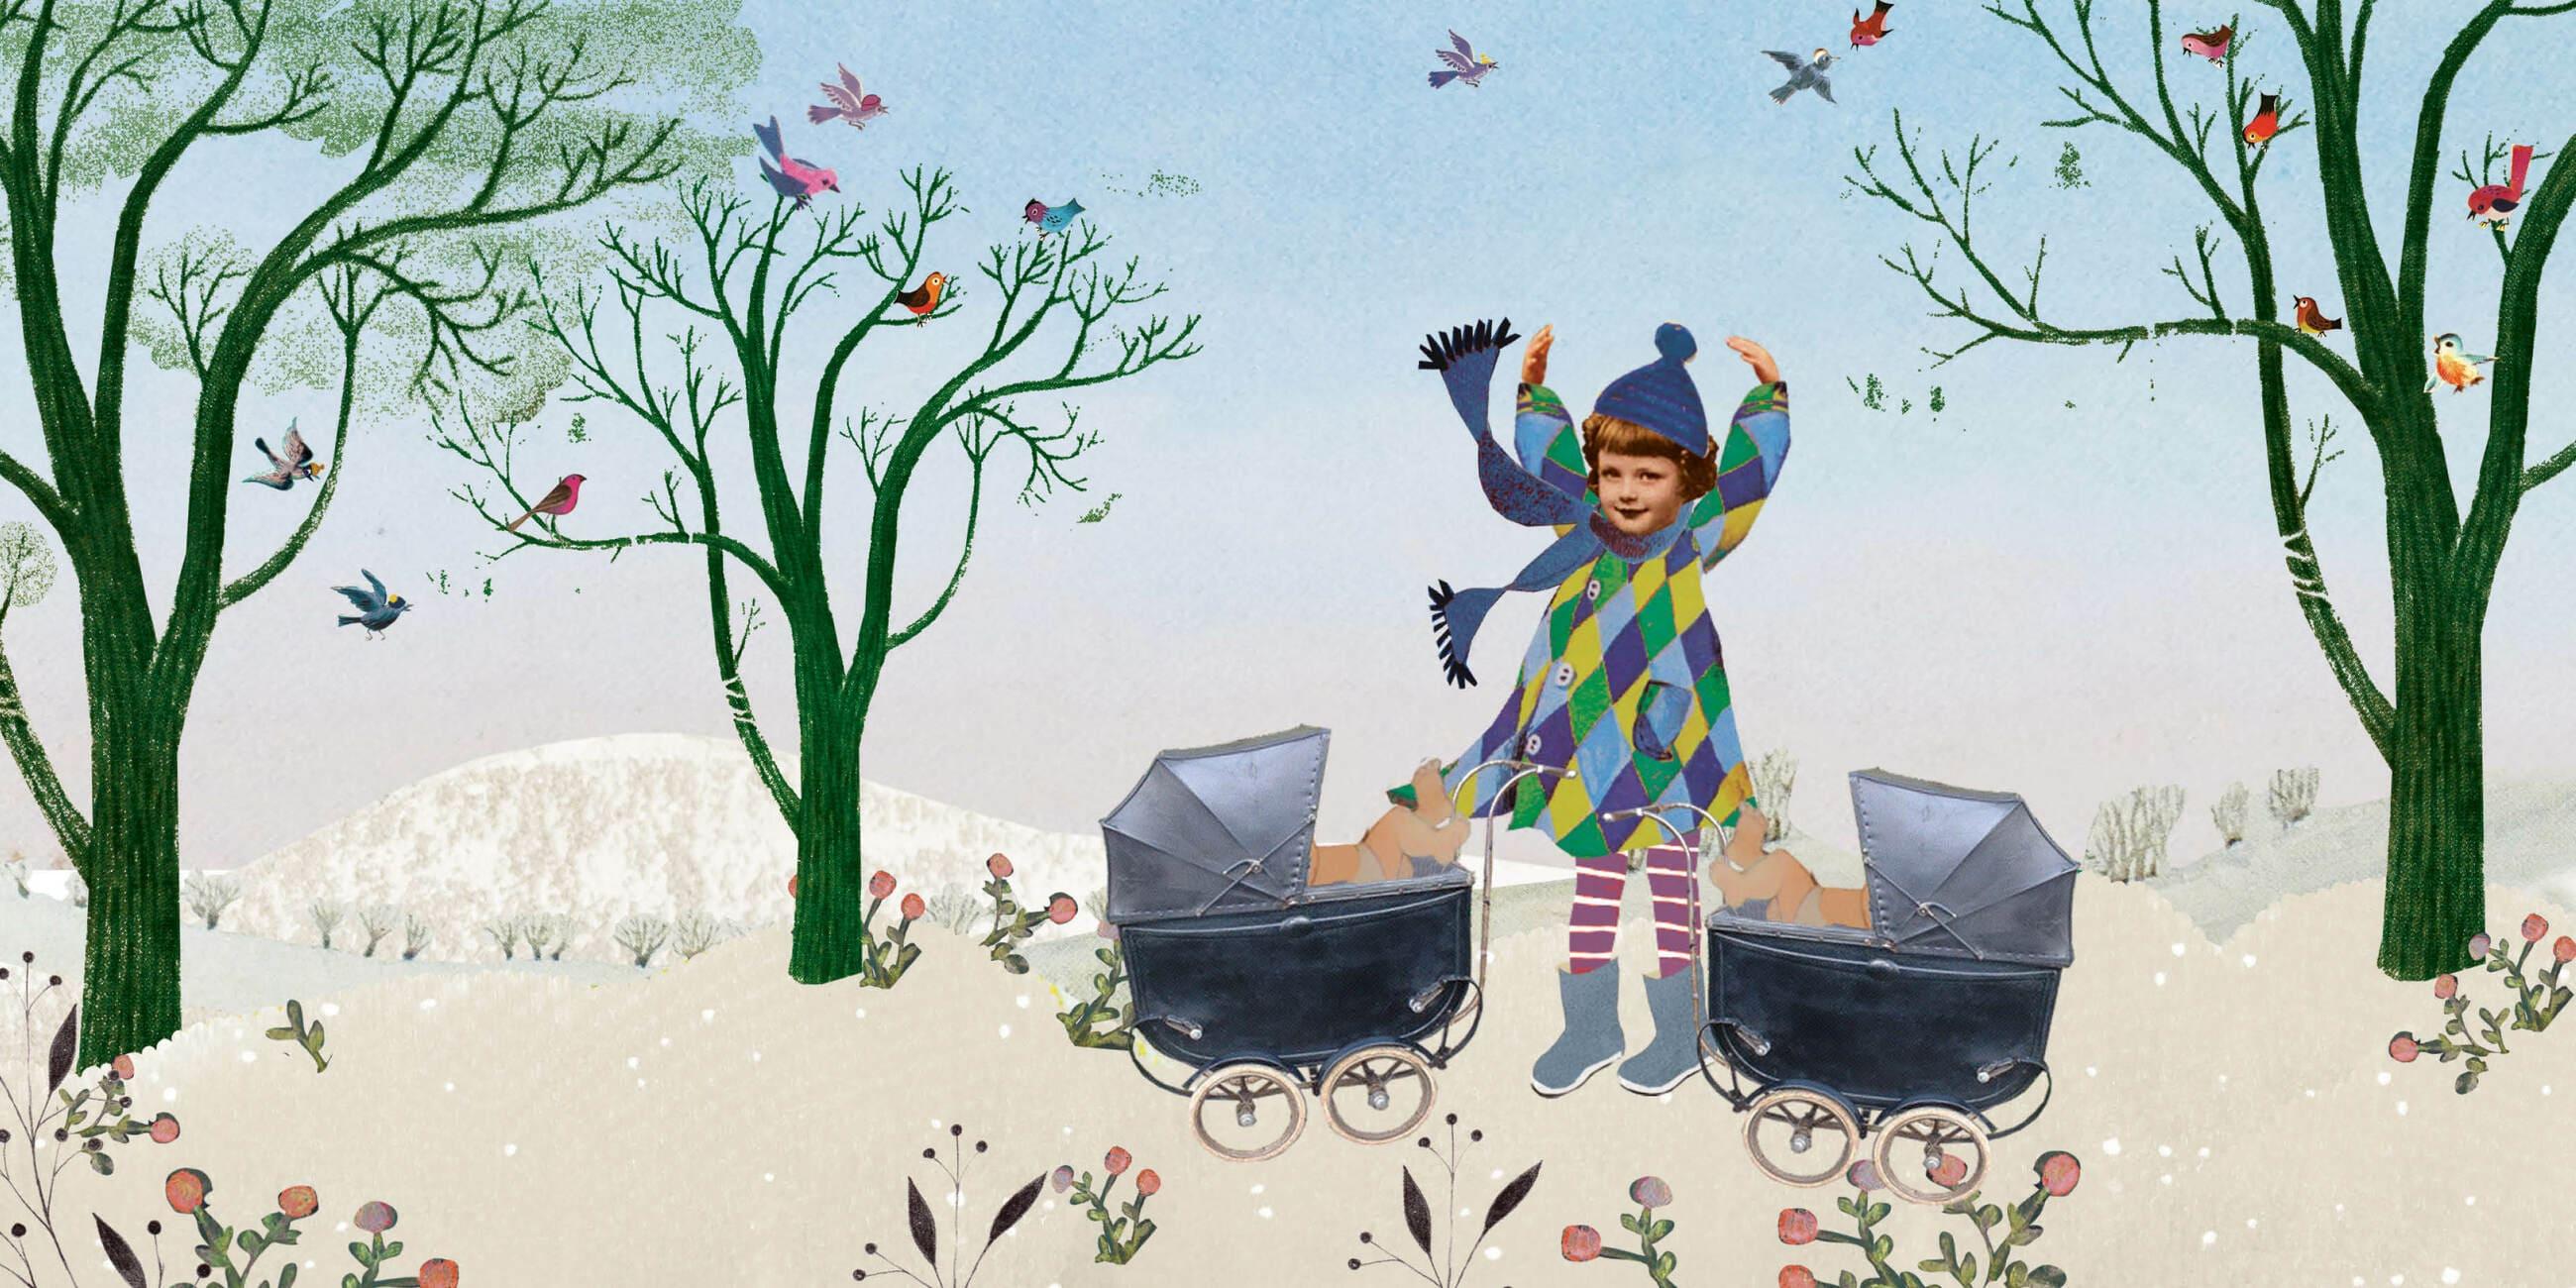 Geboortekaartje aankondiging announcement birth kaartje birthcard card baby babycard Origineel uniek feest vintage retro poesie nostalgie gezellig vrolijk kleurrijk stoer schattig nostalgisch fantasie creatief art kunst illustratie illustration gouden boekje kijkplaat zoekprent zoekplaat zoekboek kinderboek festival reizen gepersonaliseerd Bloemen dieren broer zus kindje meisje jongen genderneutraal gender neutraal cultuur huidskleur zwart donker Turks Chinees halfbloed Marokkaans Surinaams Antilliaans grote broer grote zus kinderwagen wagentje wiegje stroller Pram wandelwagen bos natuur vrolijk grappig fantasie winter sneeuw tuin buiten meerling tweeling twin drieling